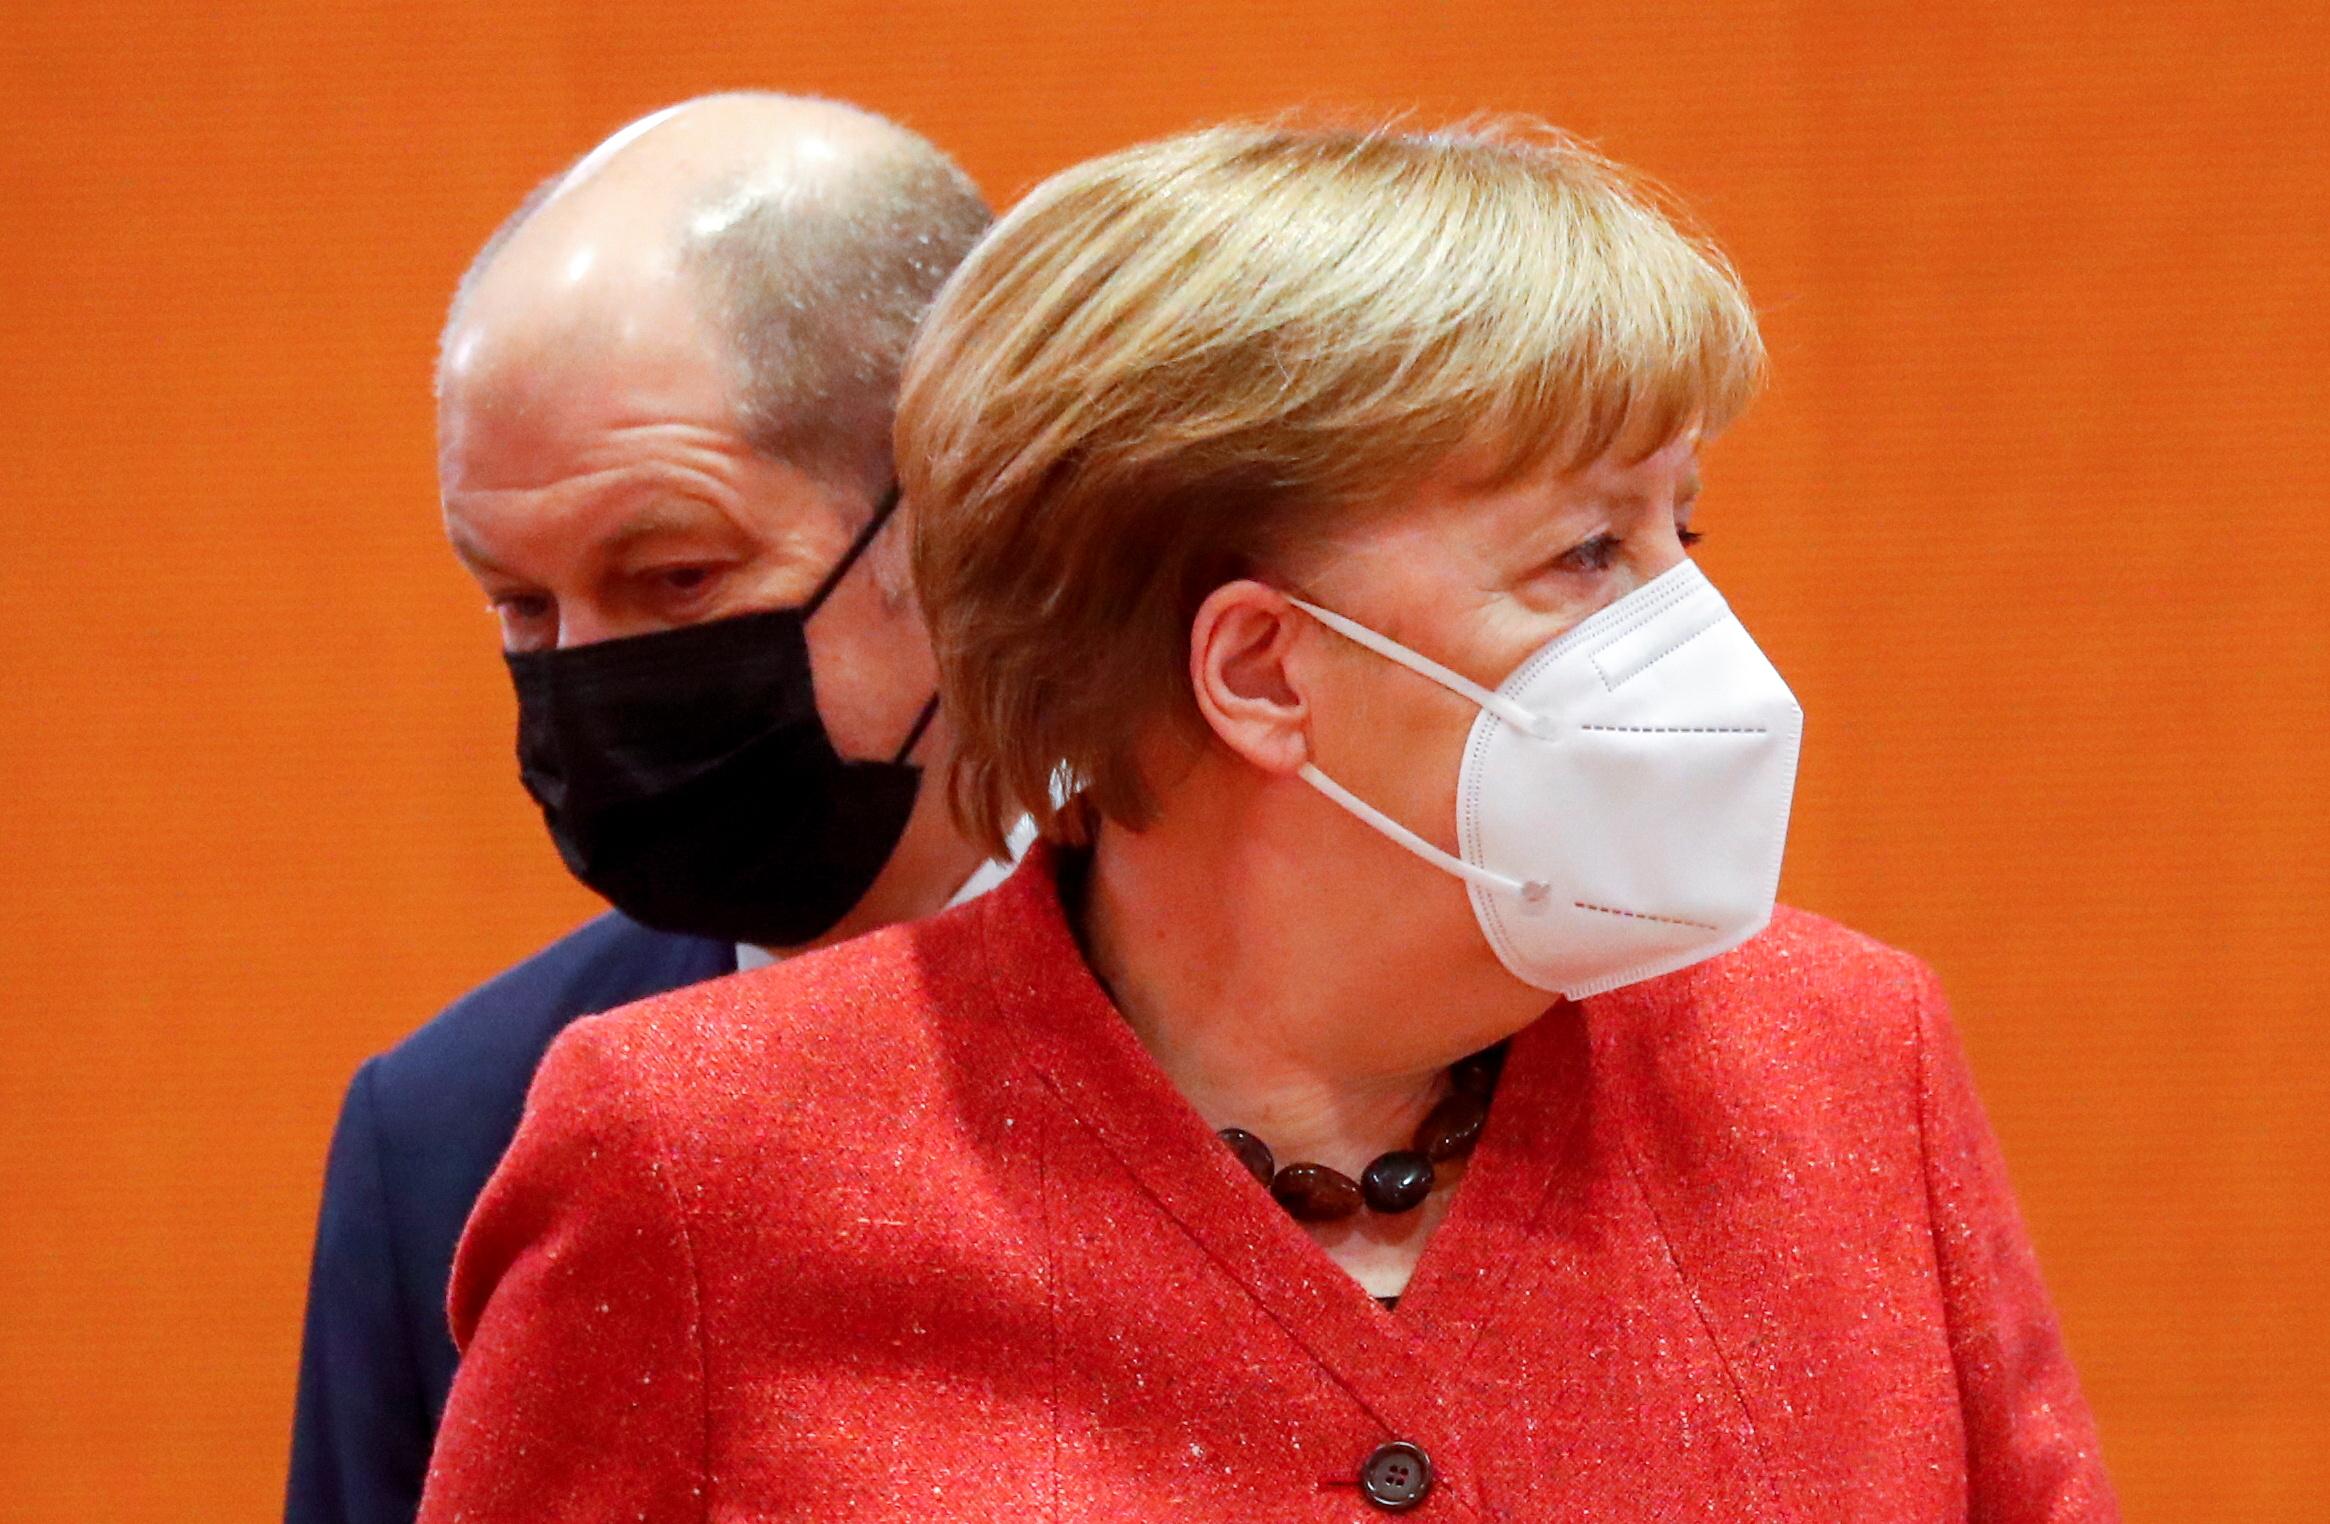 Γερμανία – Μέρκελ: Μέχρι τις 21 Σεπτεμβρίου θα έχει ολοκληρωθεί η διαδικασία εμβολιασμού